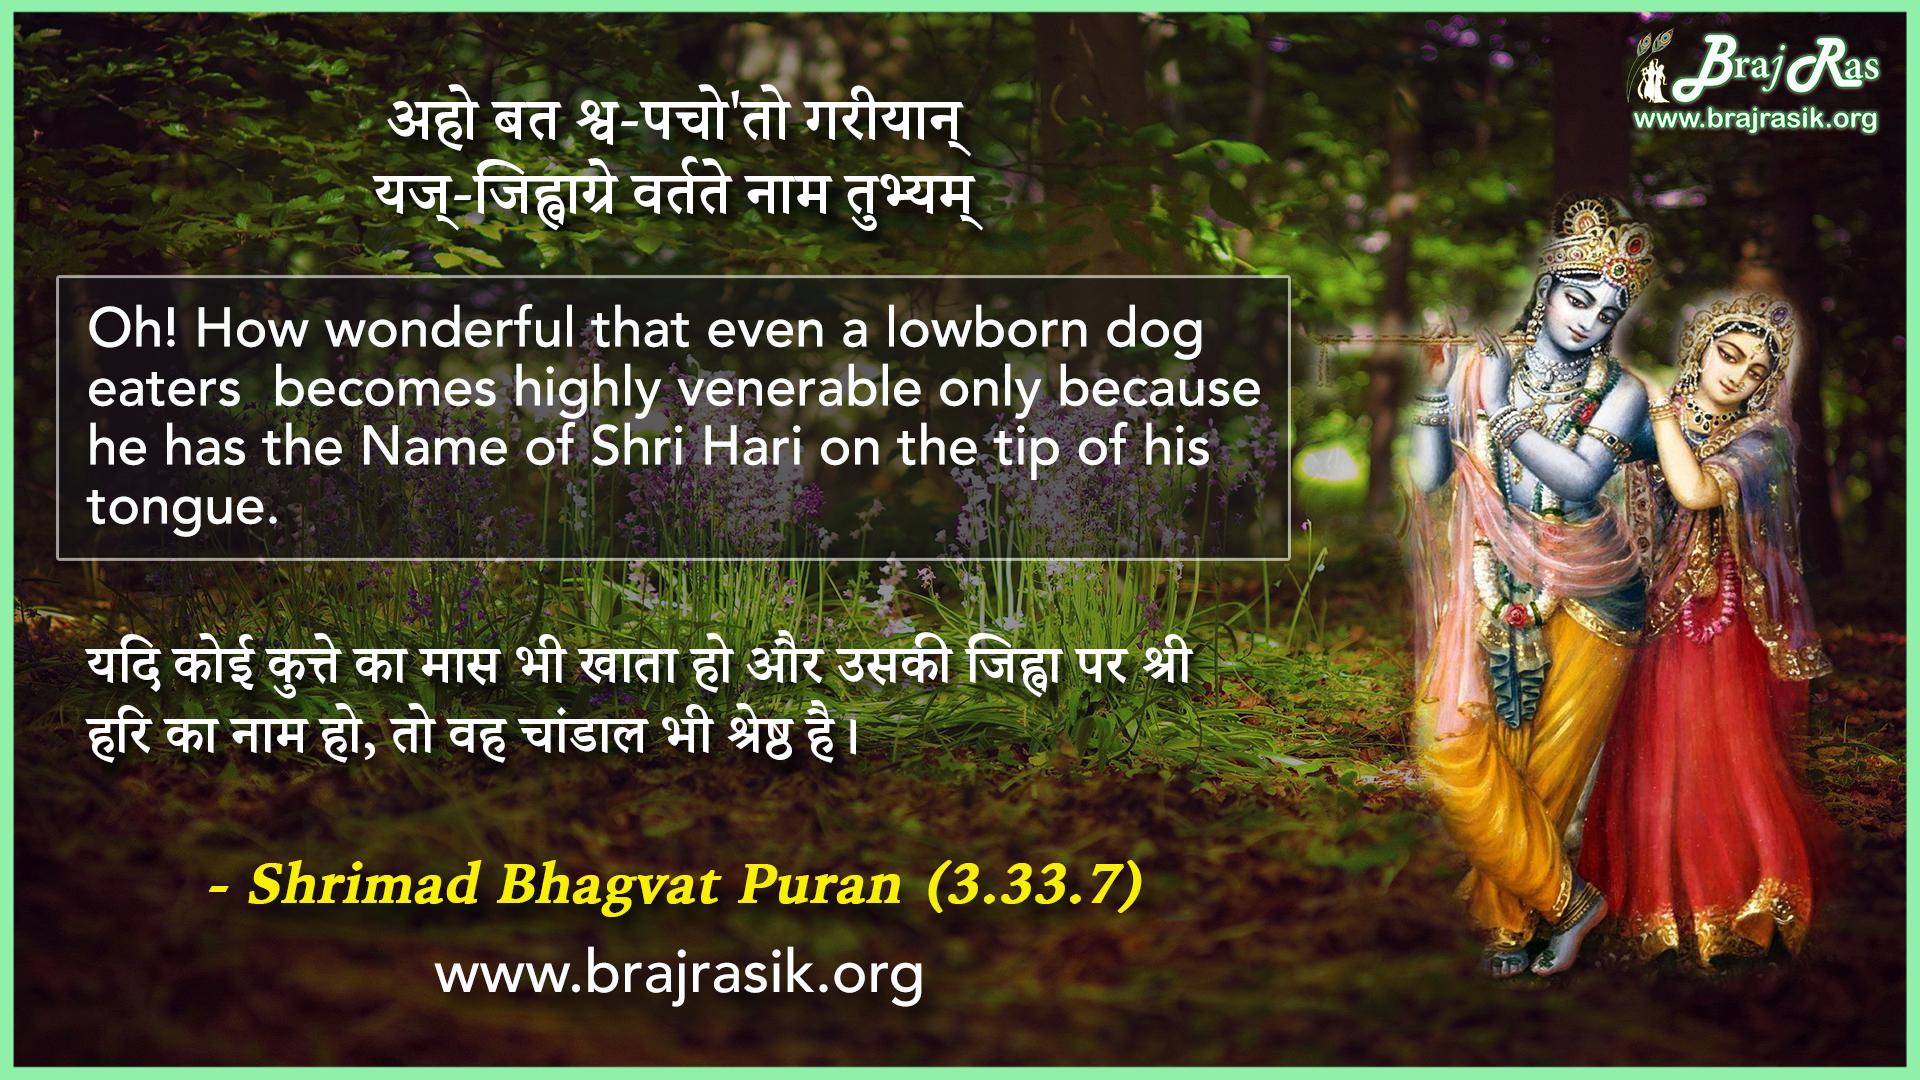 Aho Bat Shv-Pachoto Gareeyaan - Shrimad Bhagvat Puran (3.33.7)